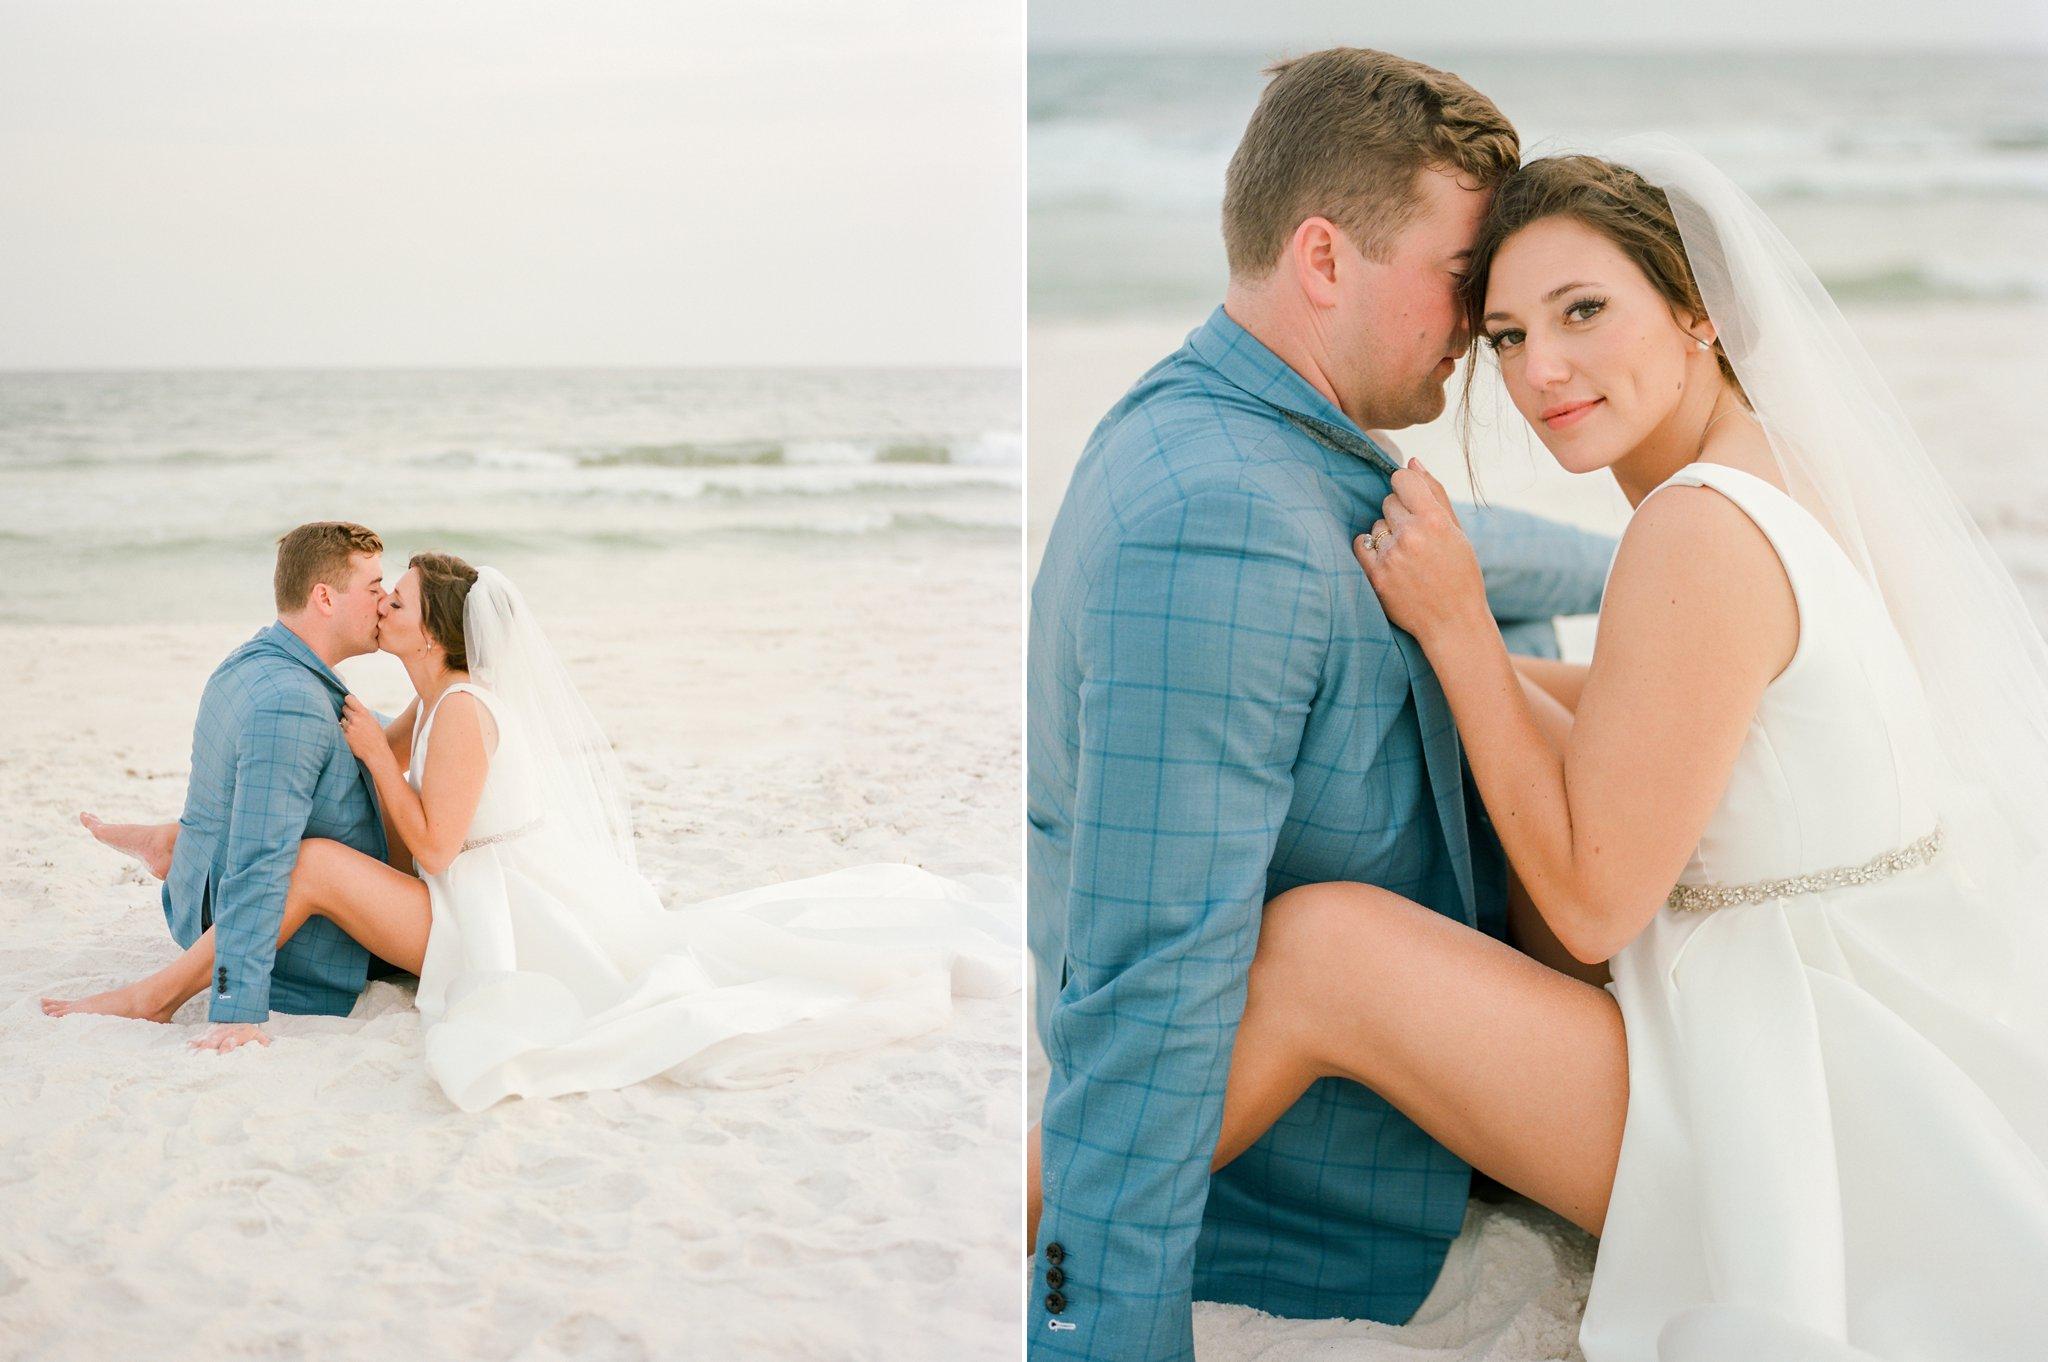 carillon beach wedding photographer shannon griffin photographer_0044.jpg